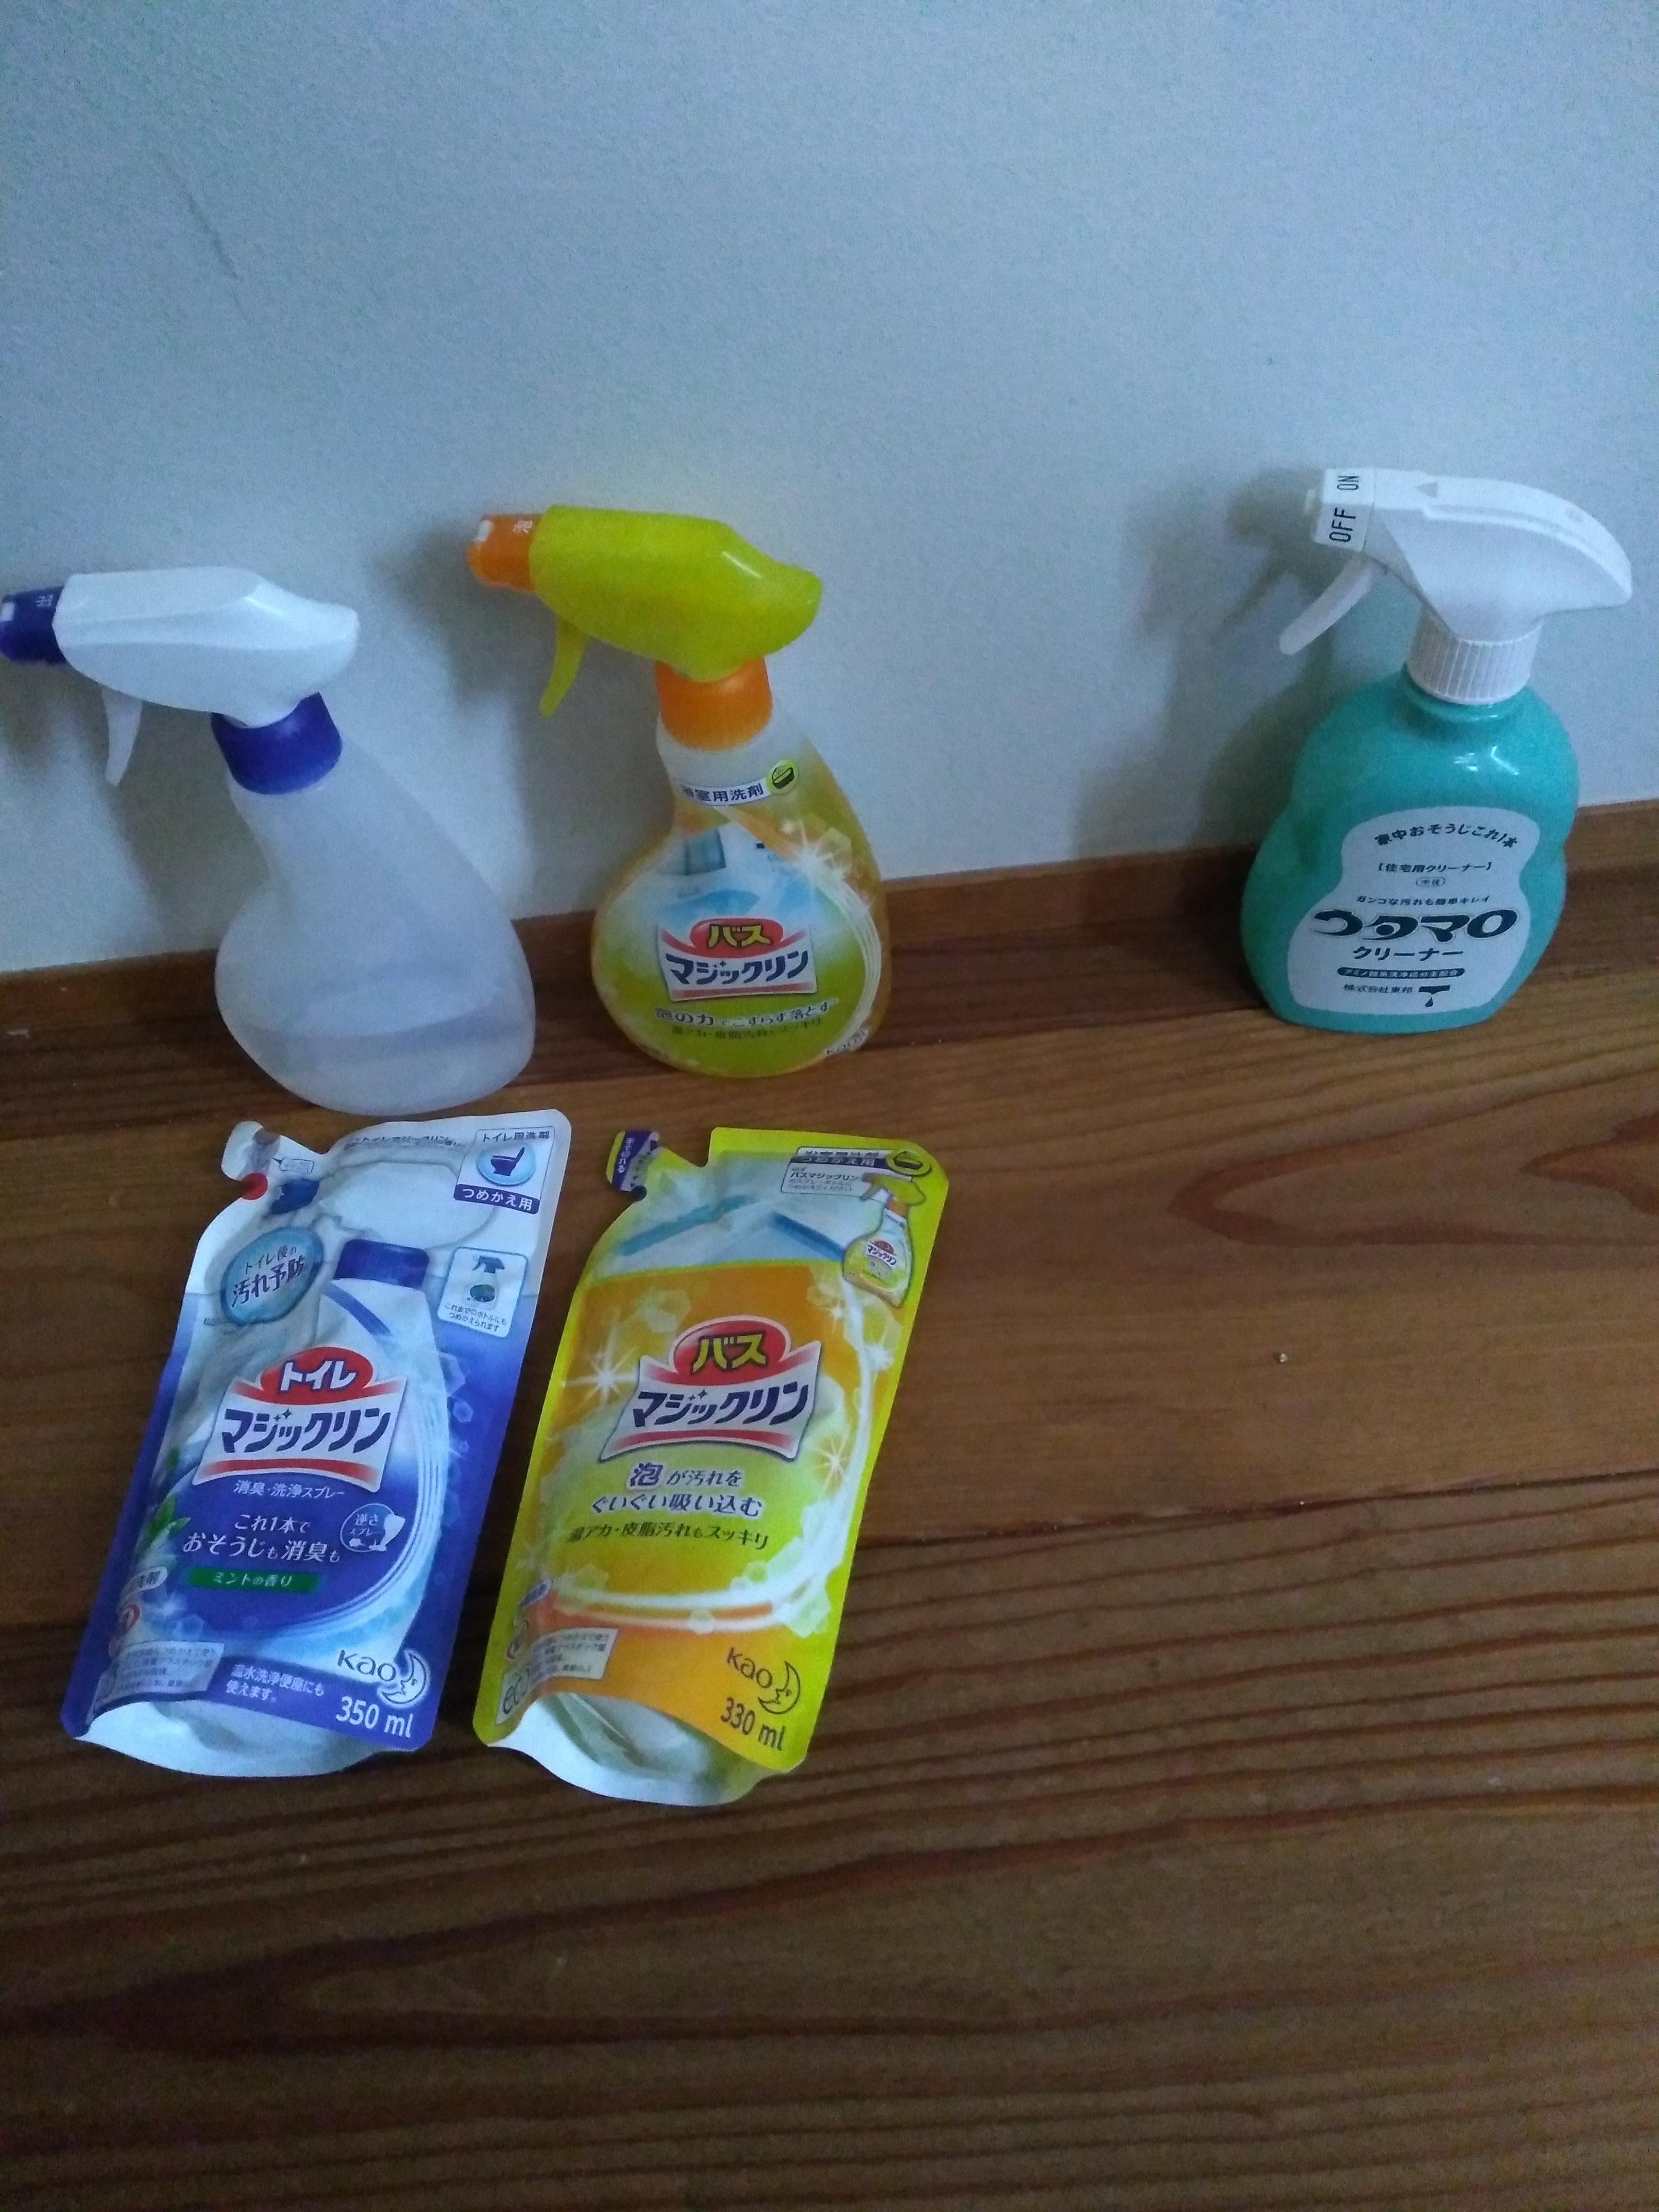 洗剤シンプル化計画。リベンジ。トイレ洗剤とかお風呂洗剤とか・・とかとか一本化作戦。